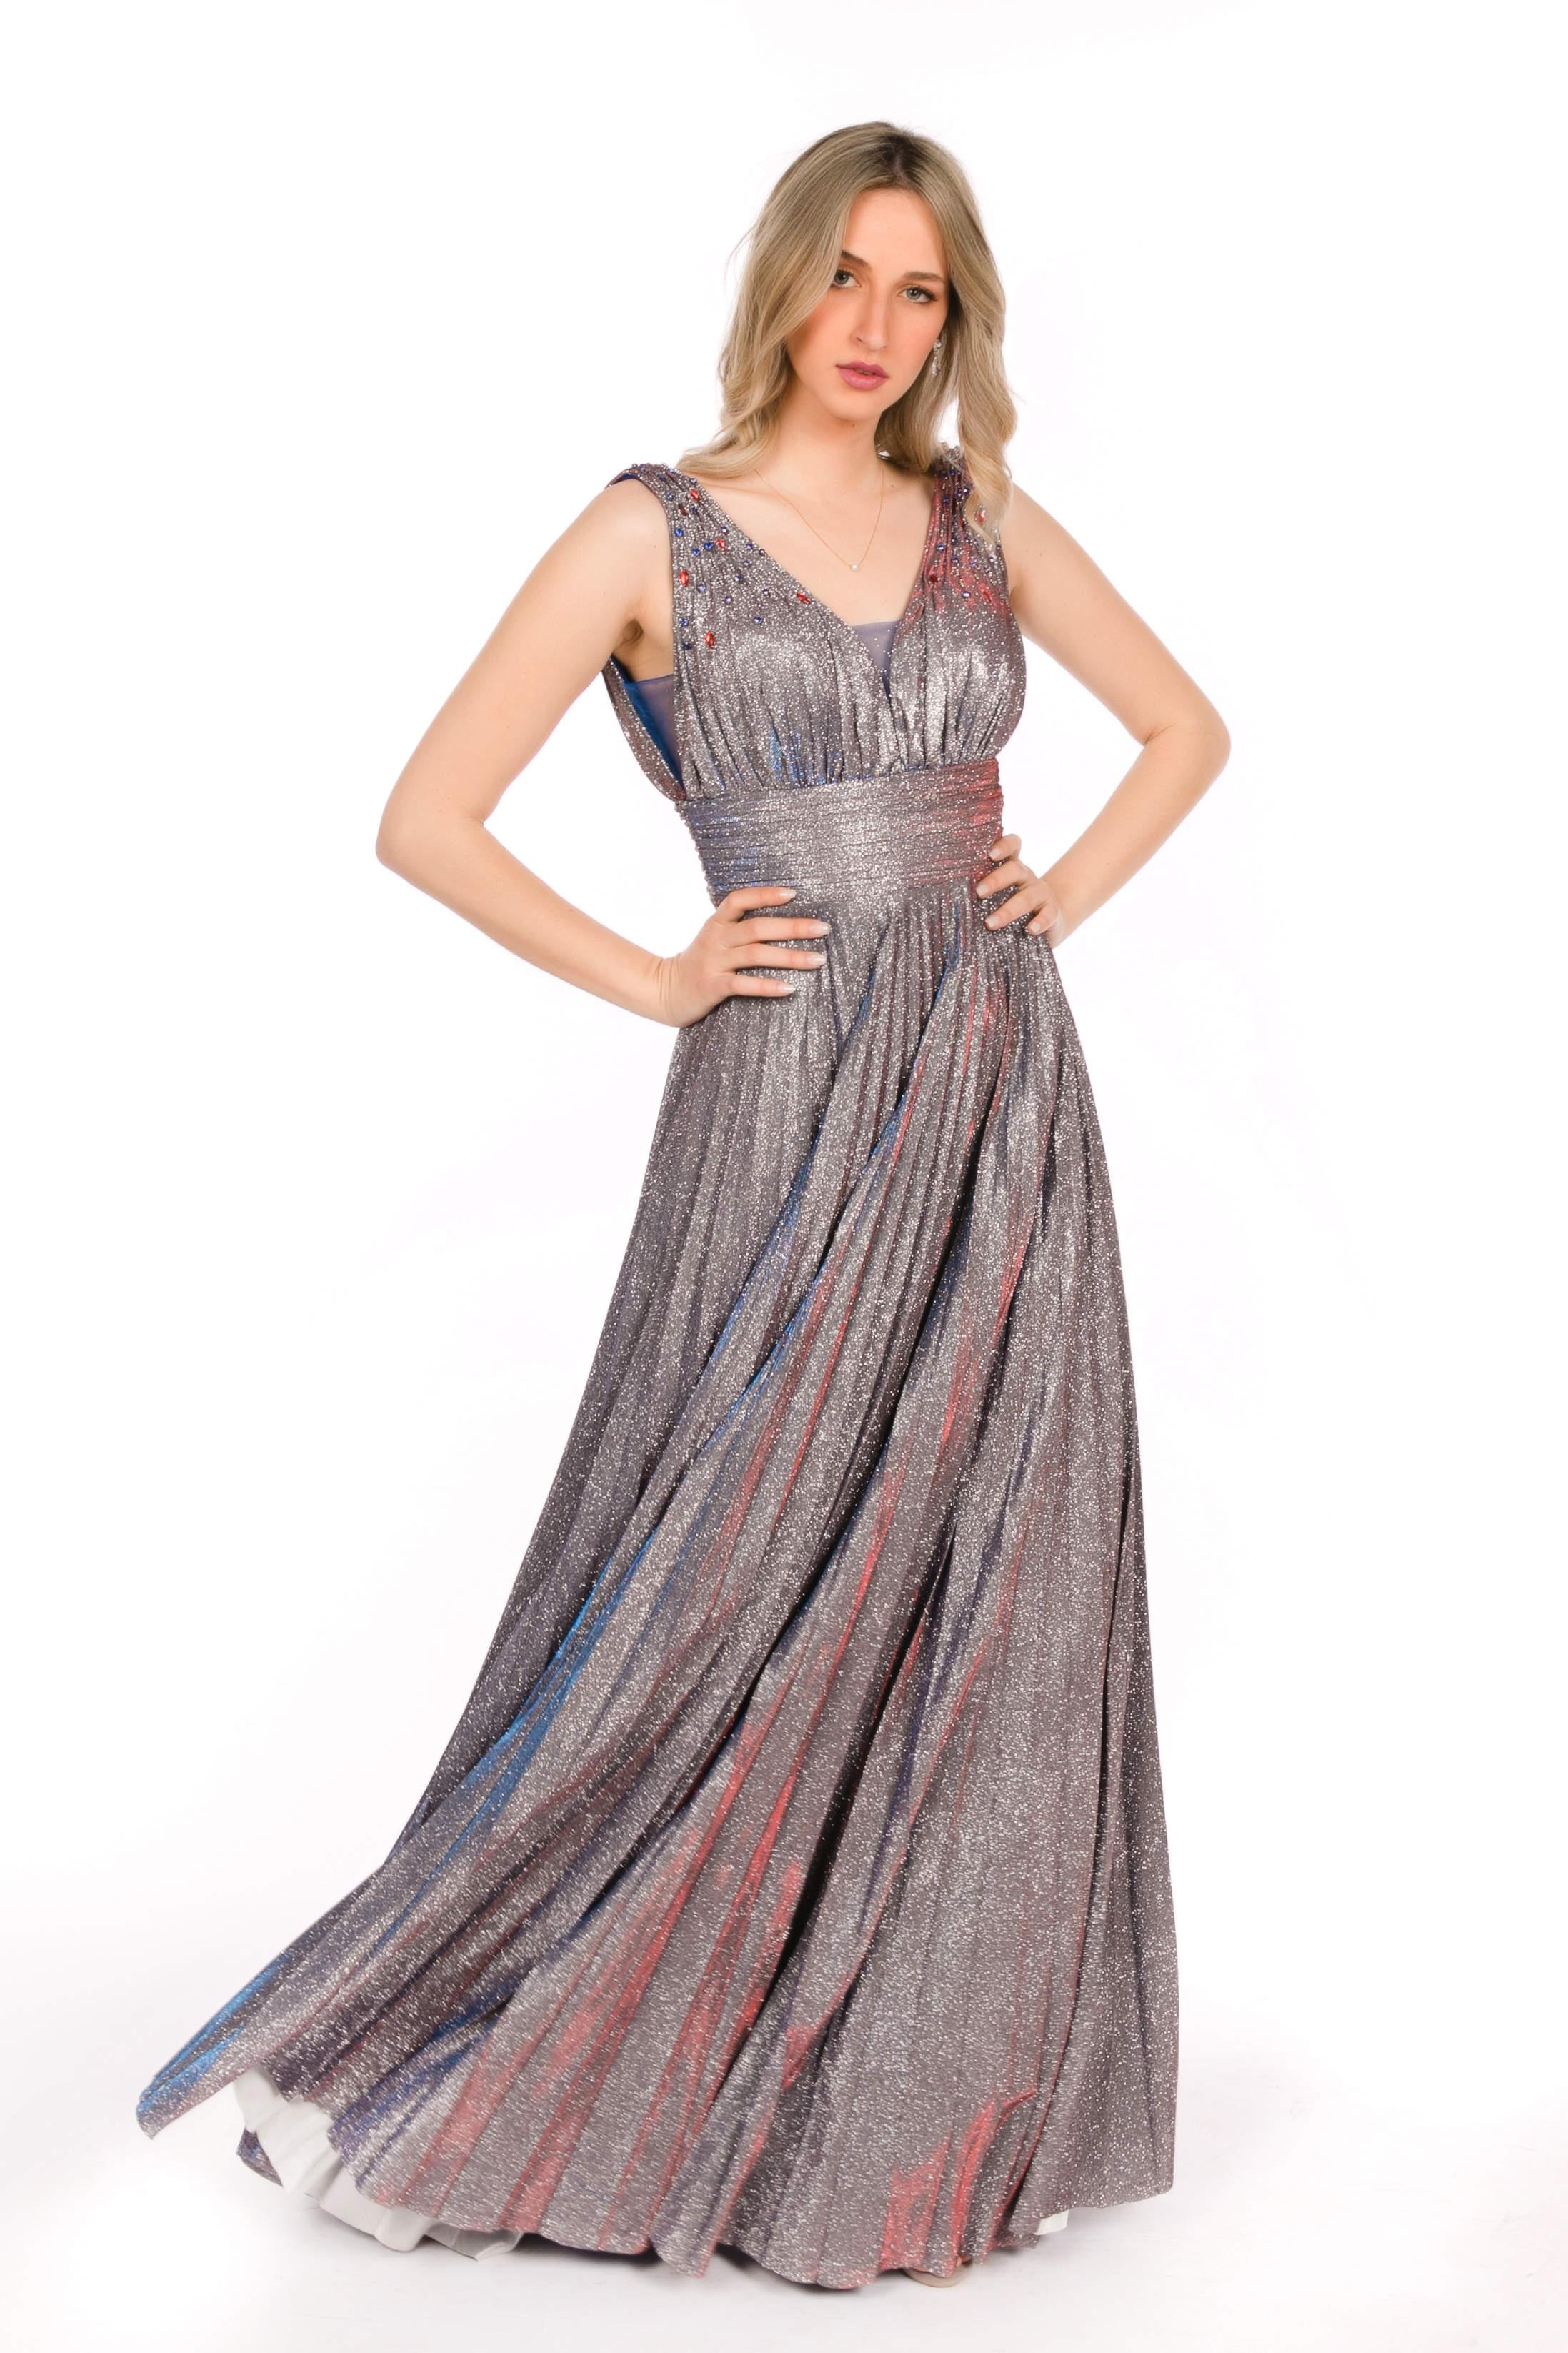 03a347d96931 ... Βραδινό φόρεμα μακρύ με κέντημα στο μπούστο και σατέν φούστα. Κωδικός   03.163